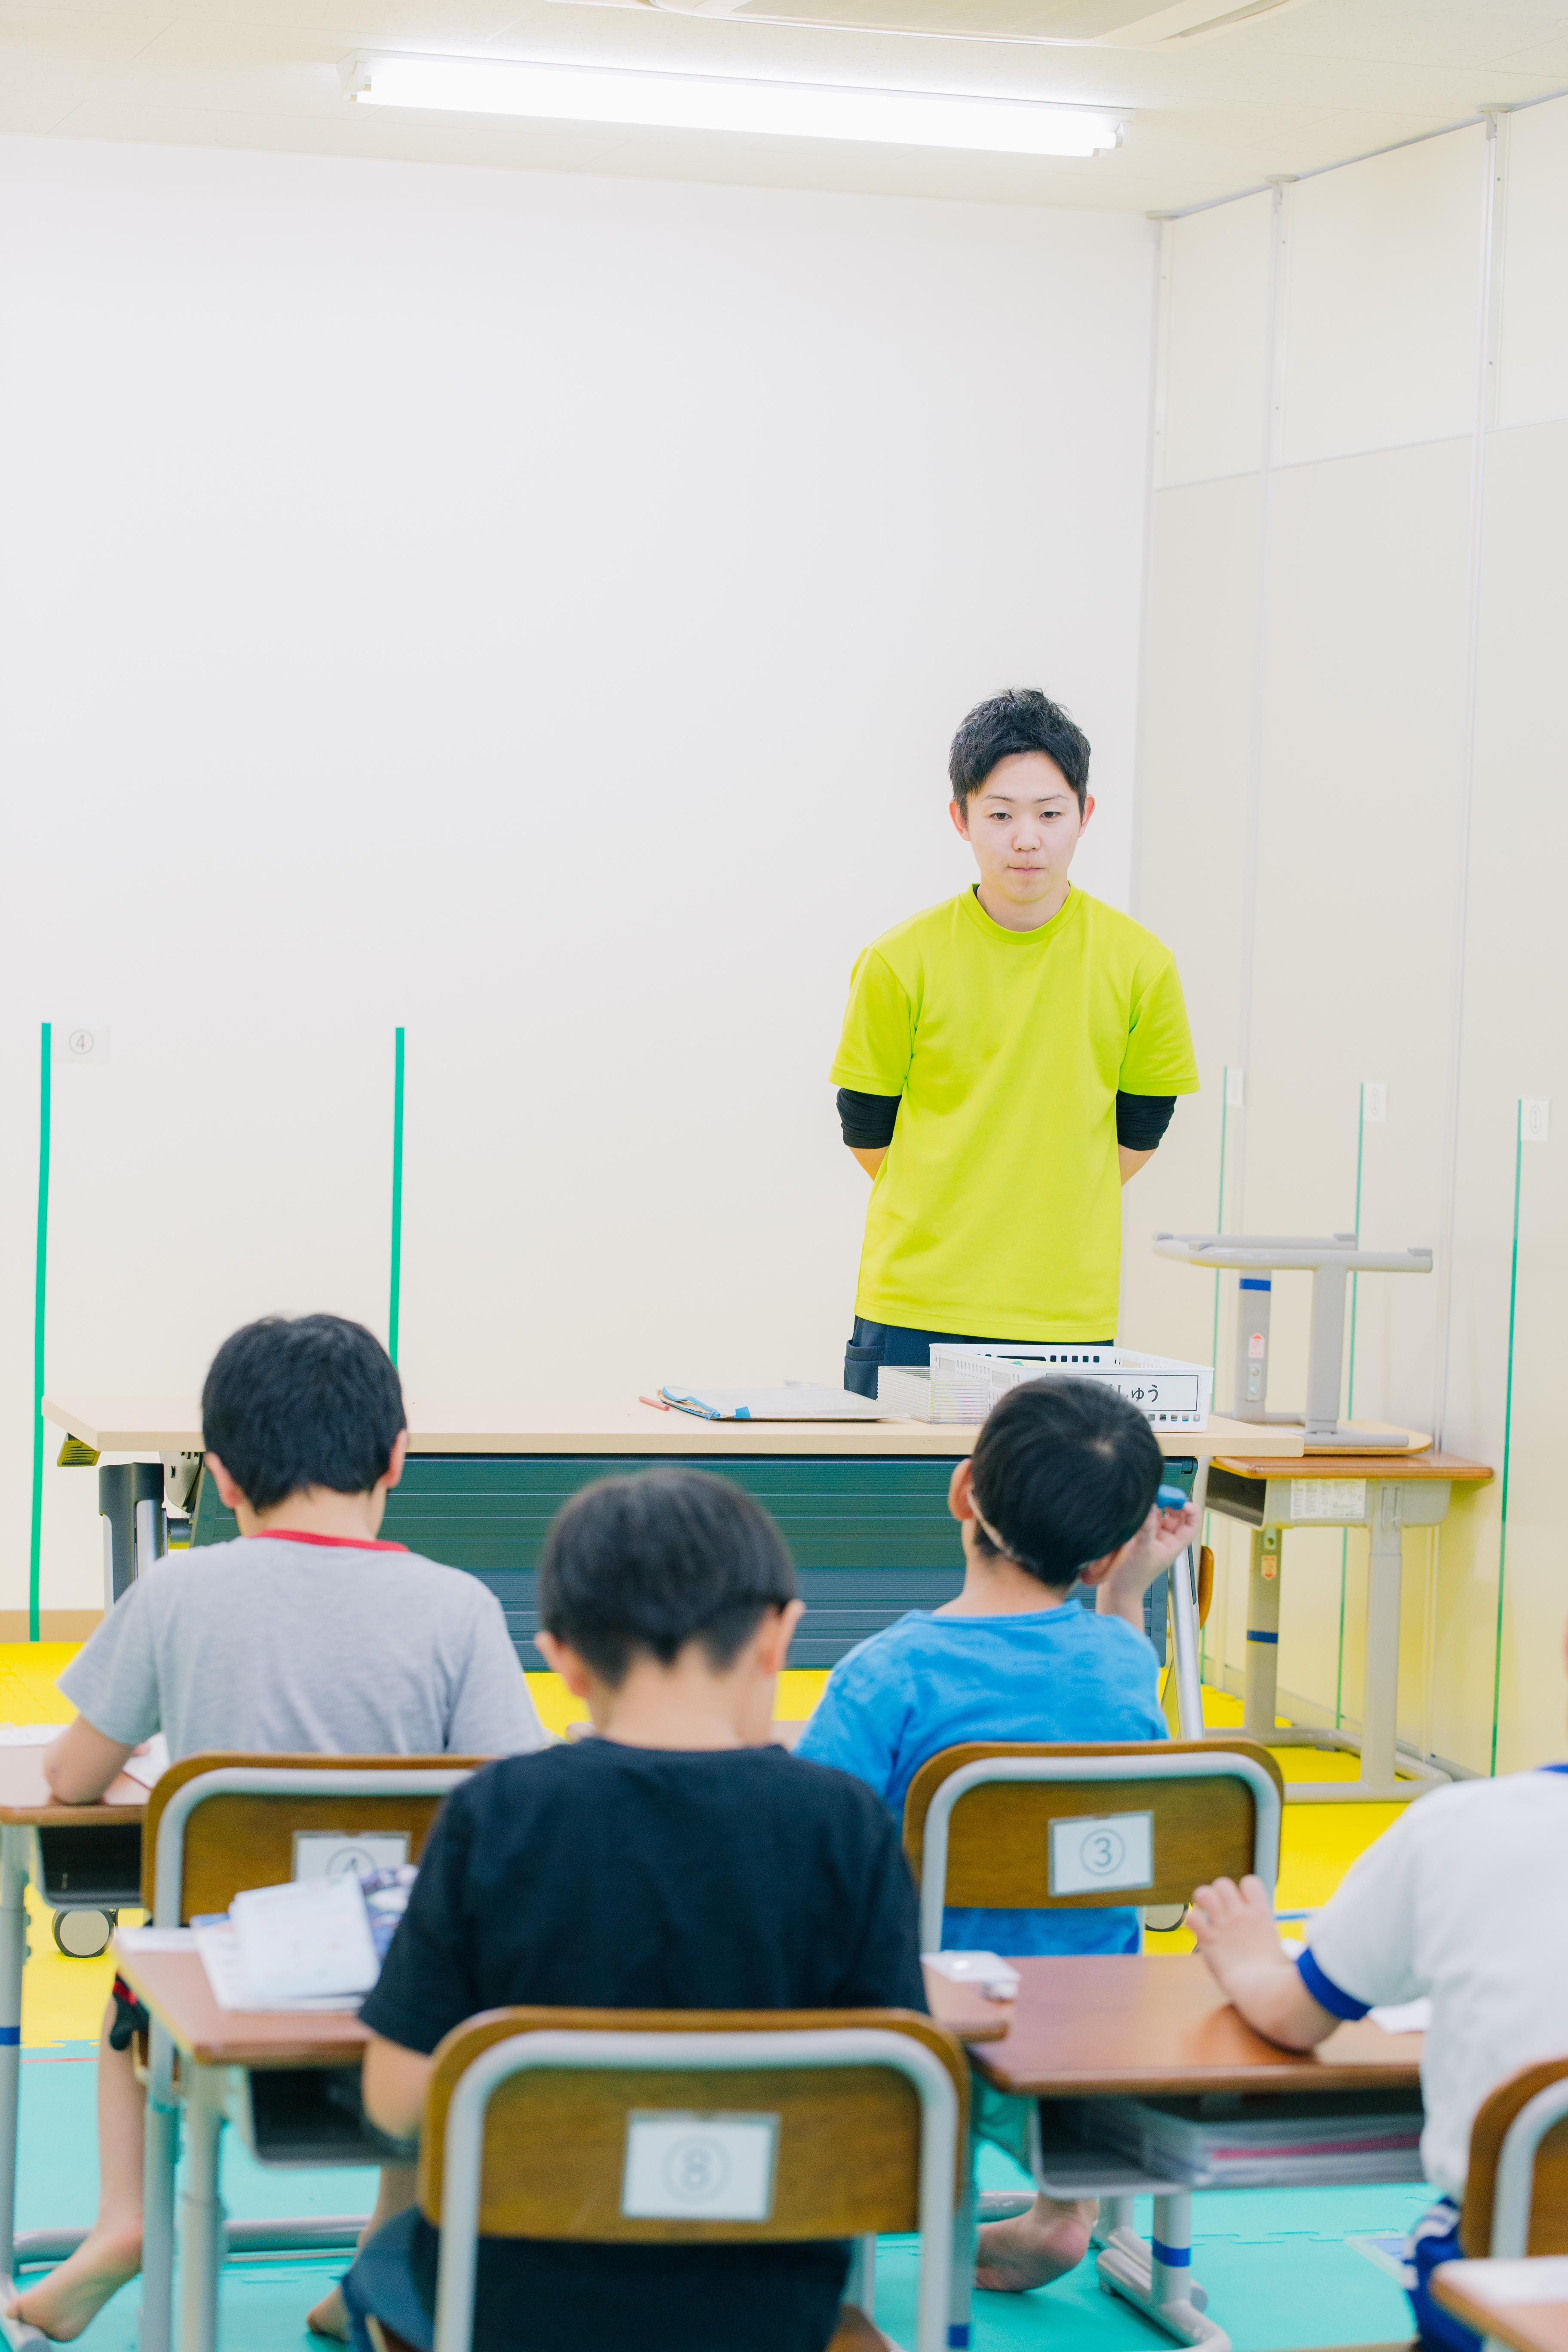 10時30分始業の運動学習支援を行う放課後等デイサービスの保育士パート